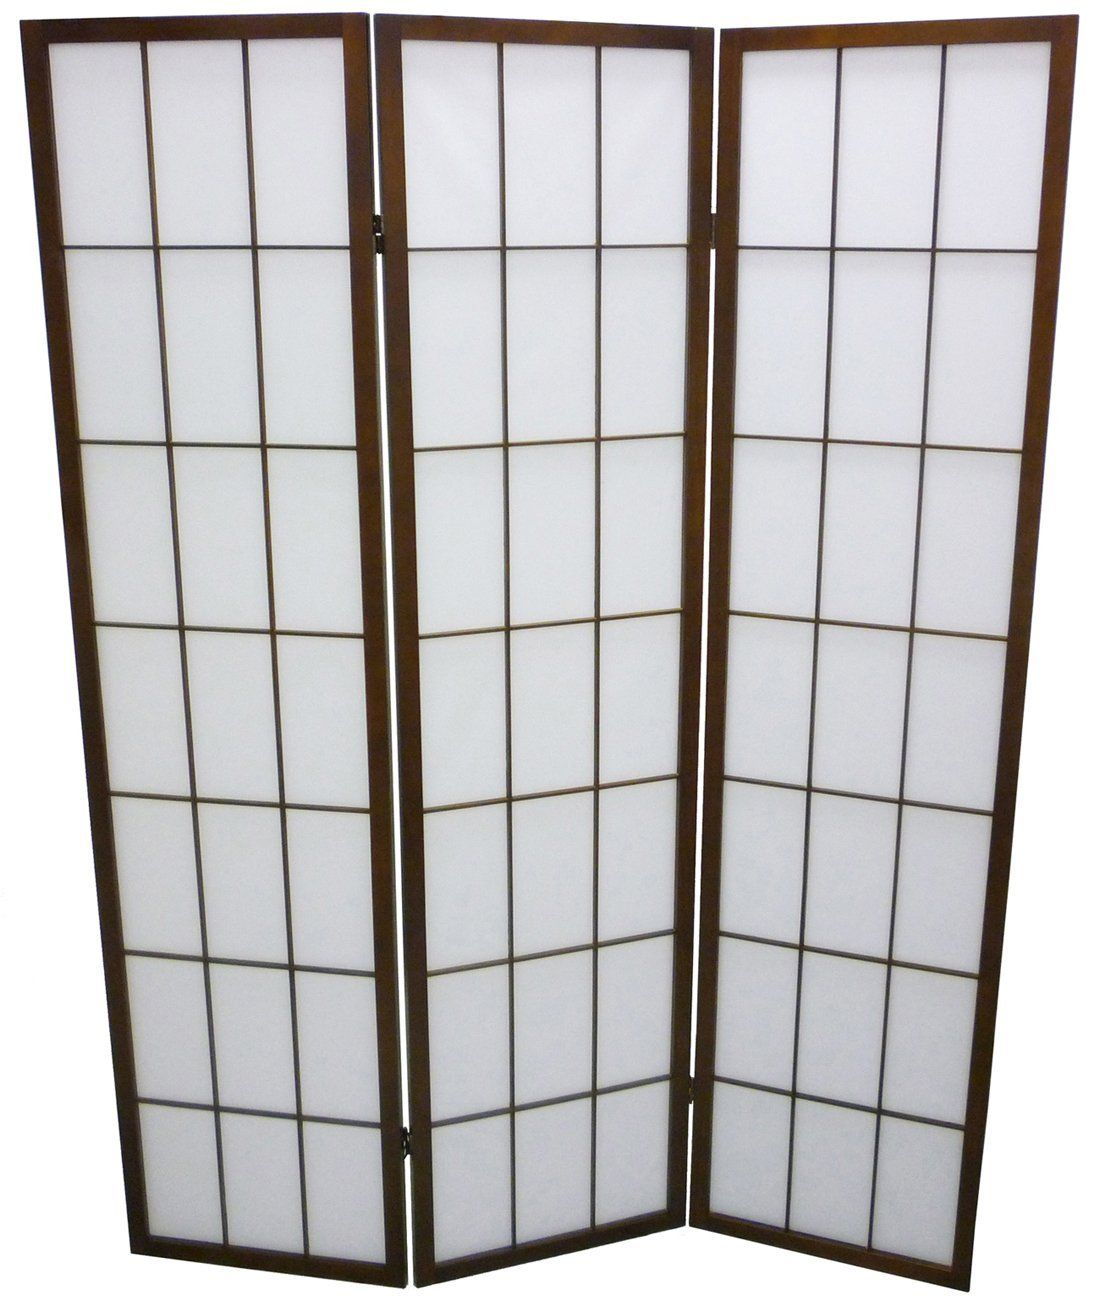 Divisori In Carta Di Riso.Pannelli Divisori Per Interni Ikea Carta Di Riso